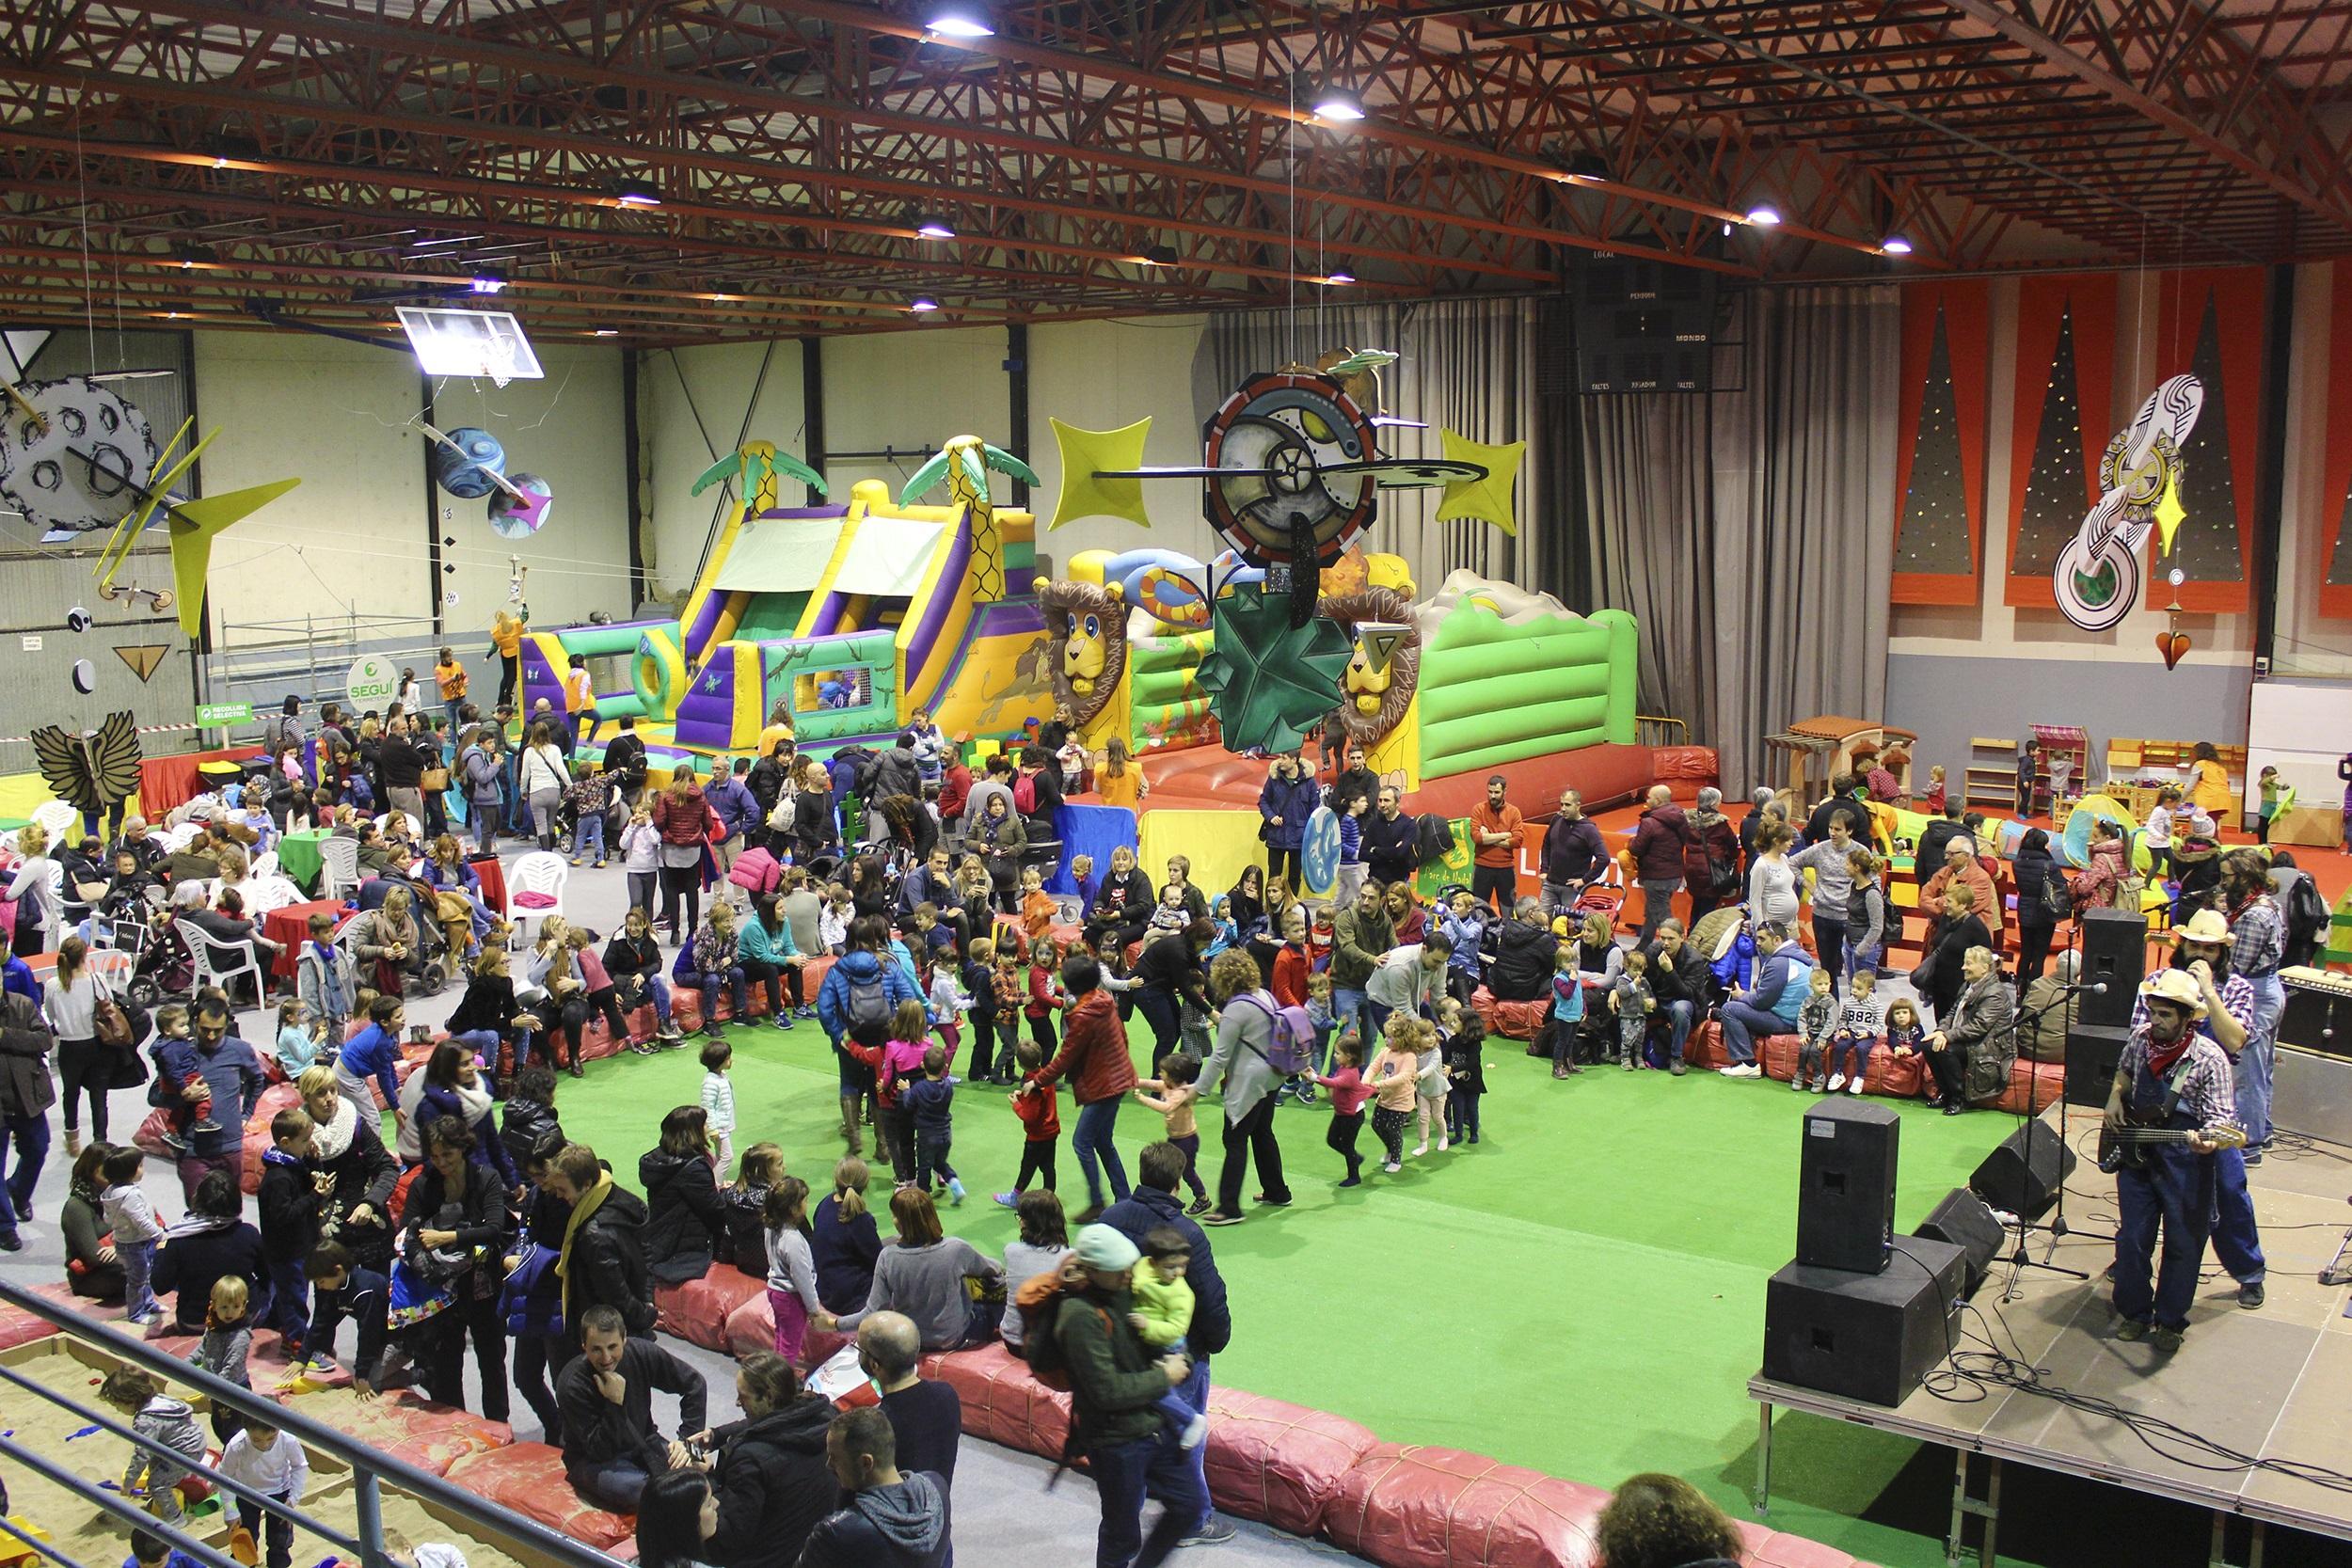 El Parc de Nadal de Tàrrega oferirà una cinquantena de propostes lúdiques i educatives a partir del 27 de desembre